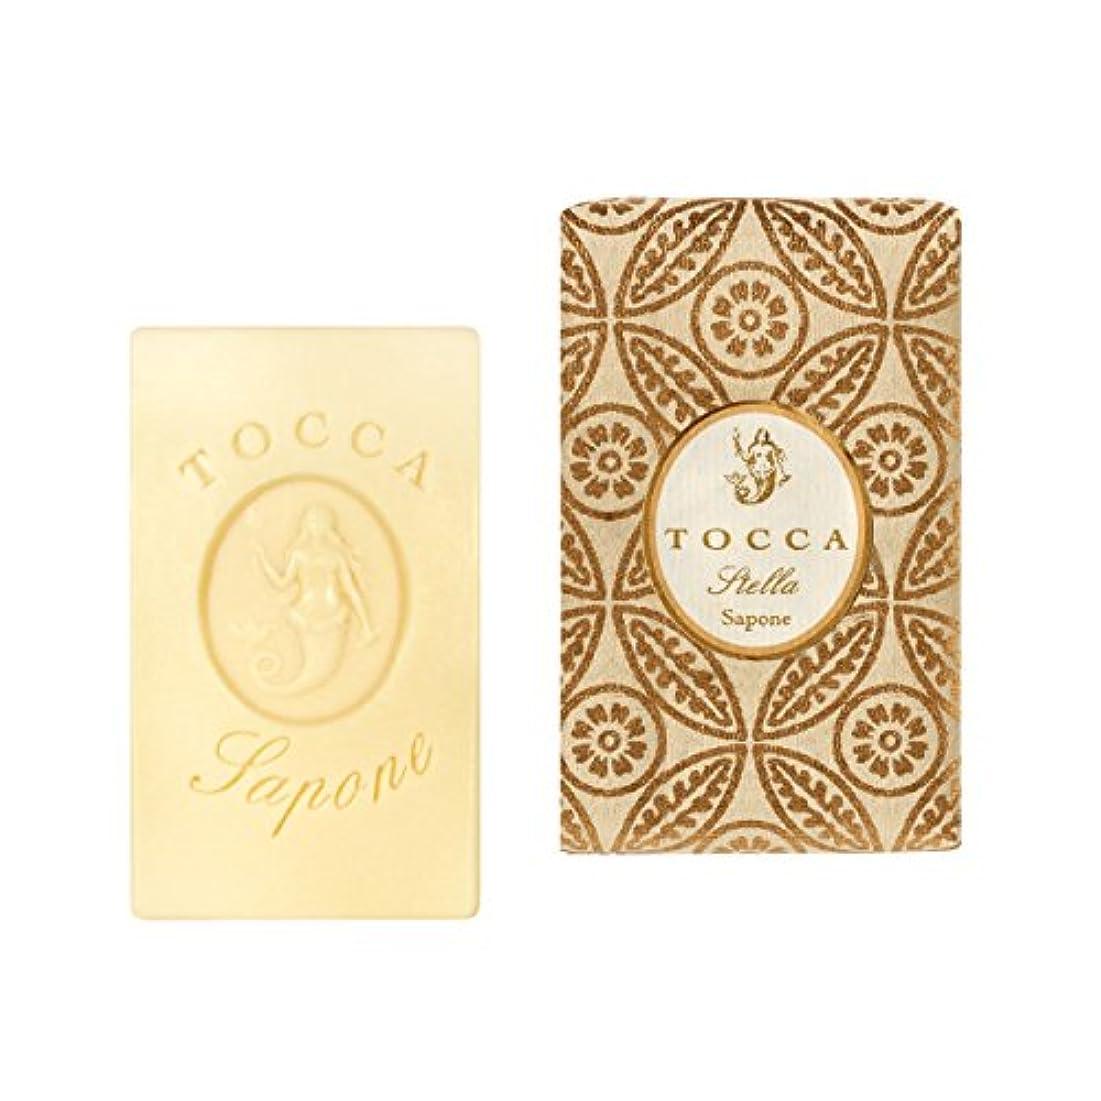 惑星たとえすべきトッカ(TOCCA) ソープバー ステラの香り 113g(石けん 化粧石けん イタリアンブラッドオレンジが奏でるフレッシュでビターな爽やかさ漂う香り)